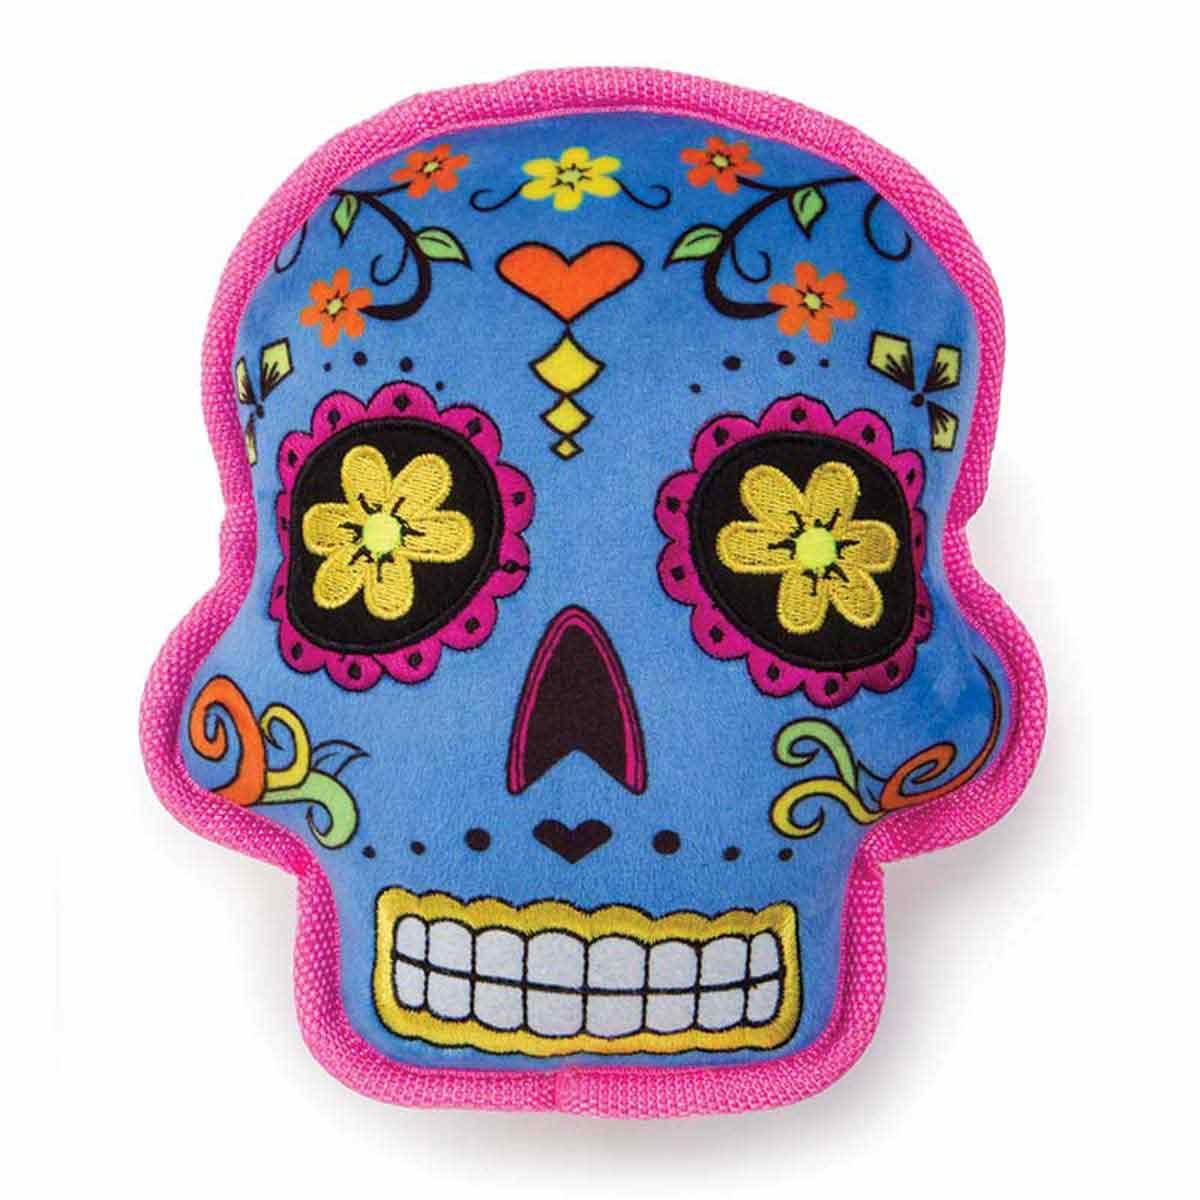 GoDog Sugar Skull Blue Large Throw Toy at Ryan's Pet Supplies